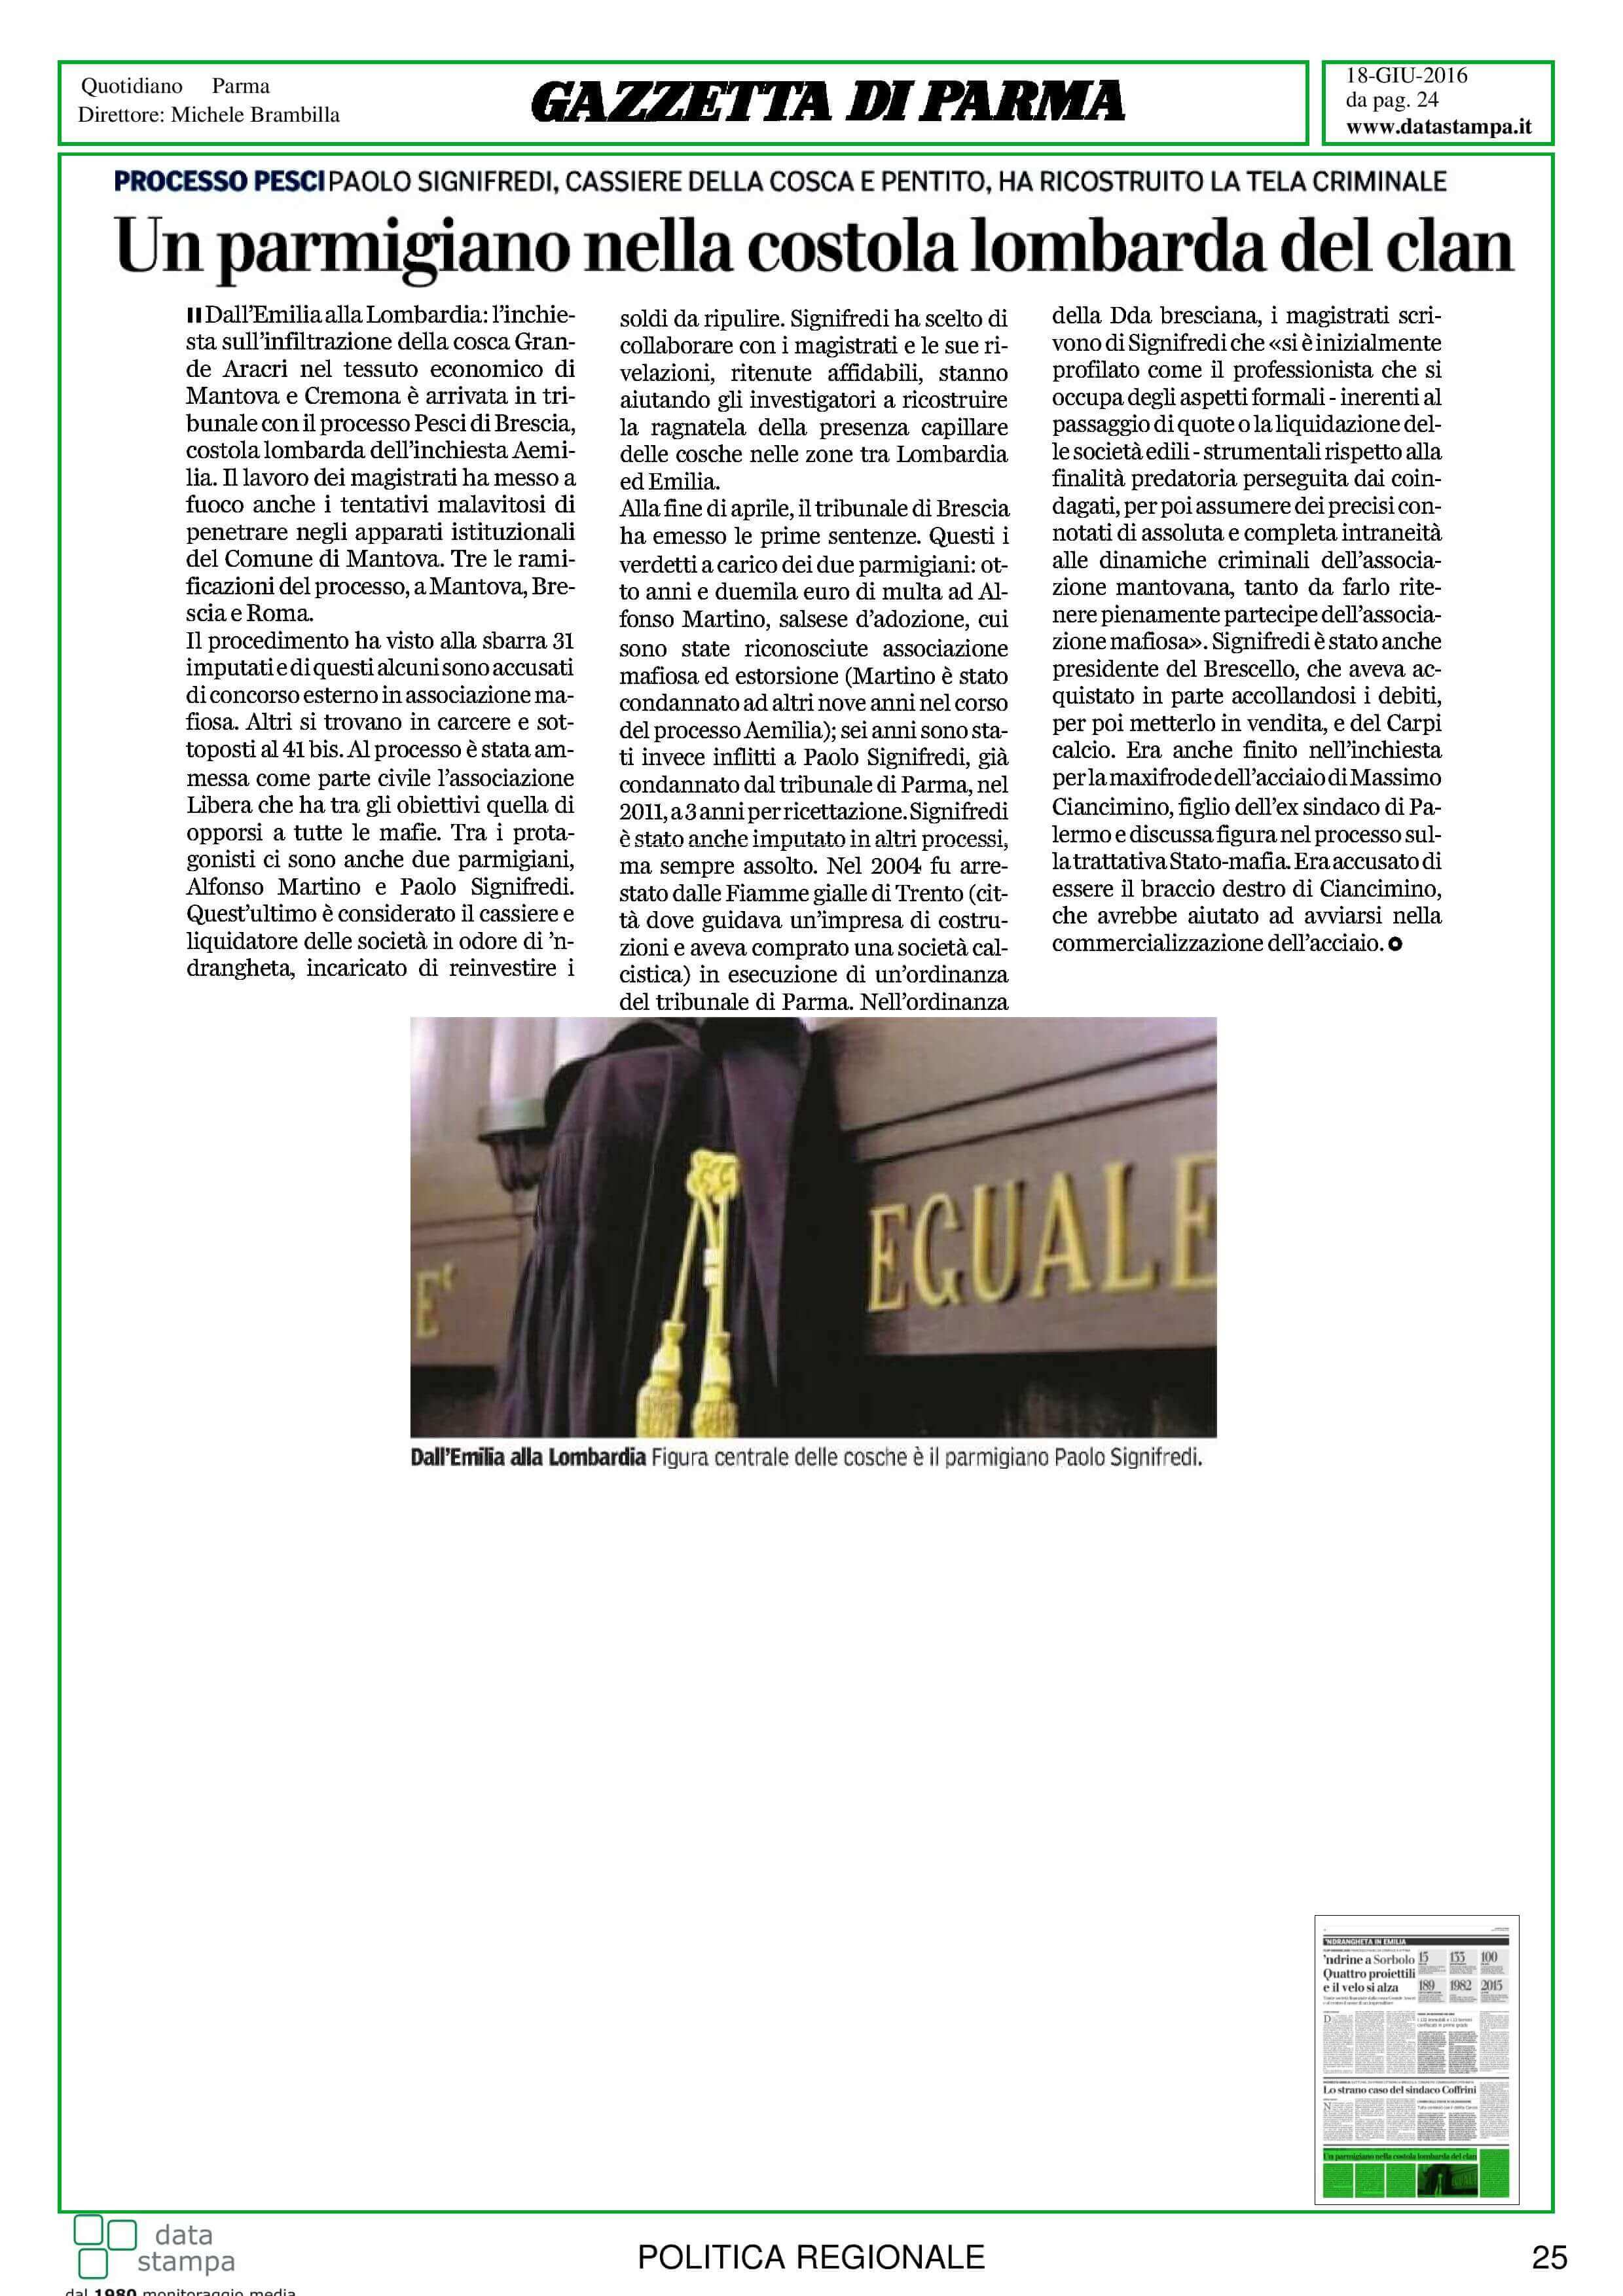 monitor-legalita-17-23-giugno-2016-page-026